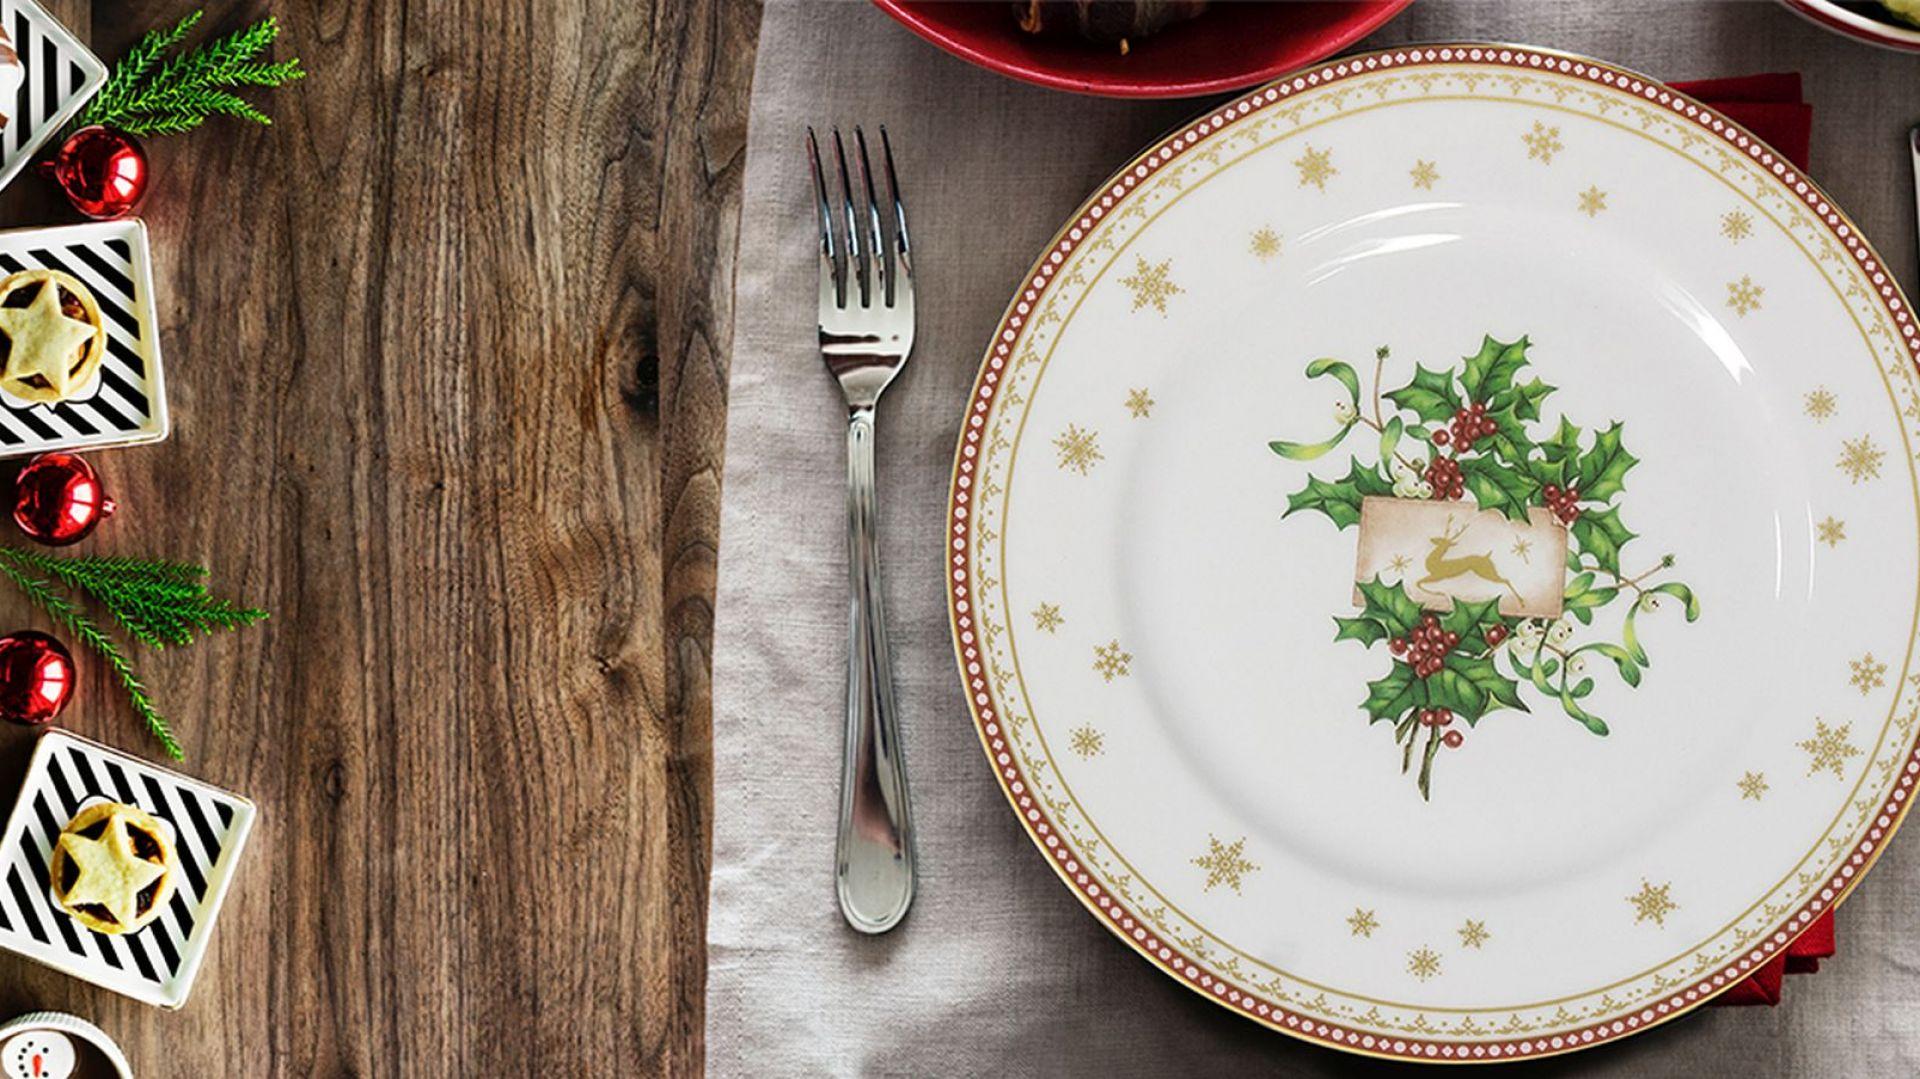 Świąteczna porcelanowa zastawa świetnie sprawdzi się nie tylko podczas wieczerzy wigilijnej. Warto korzystać z niej przez cały okres uroczystego oczekiwania. Fot. Polska Grupa Porcelanowa